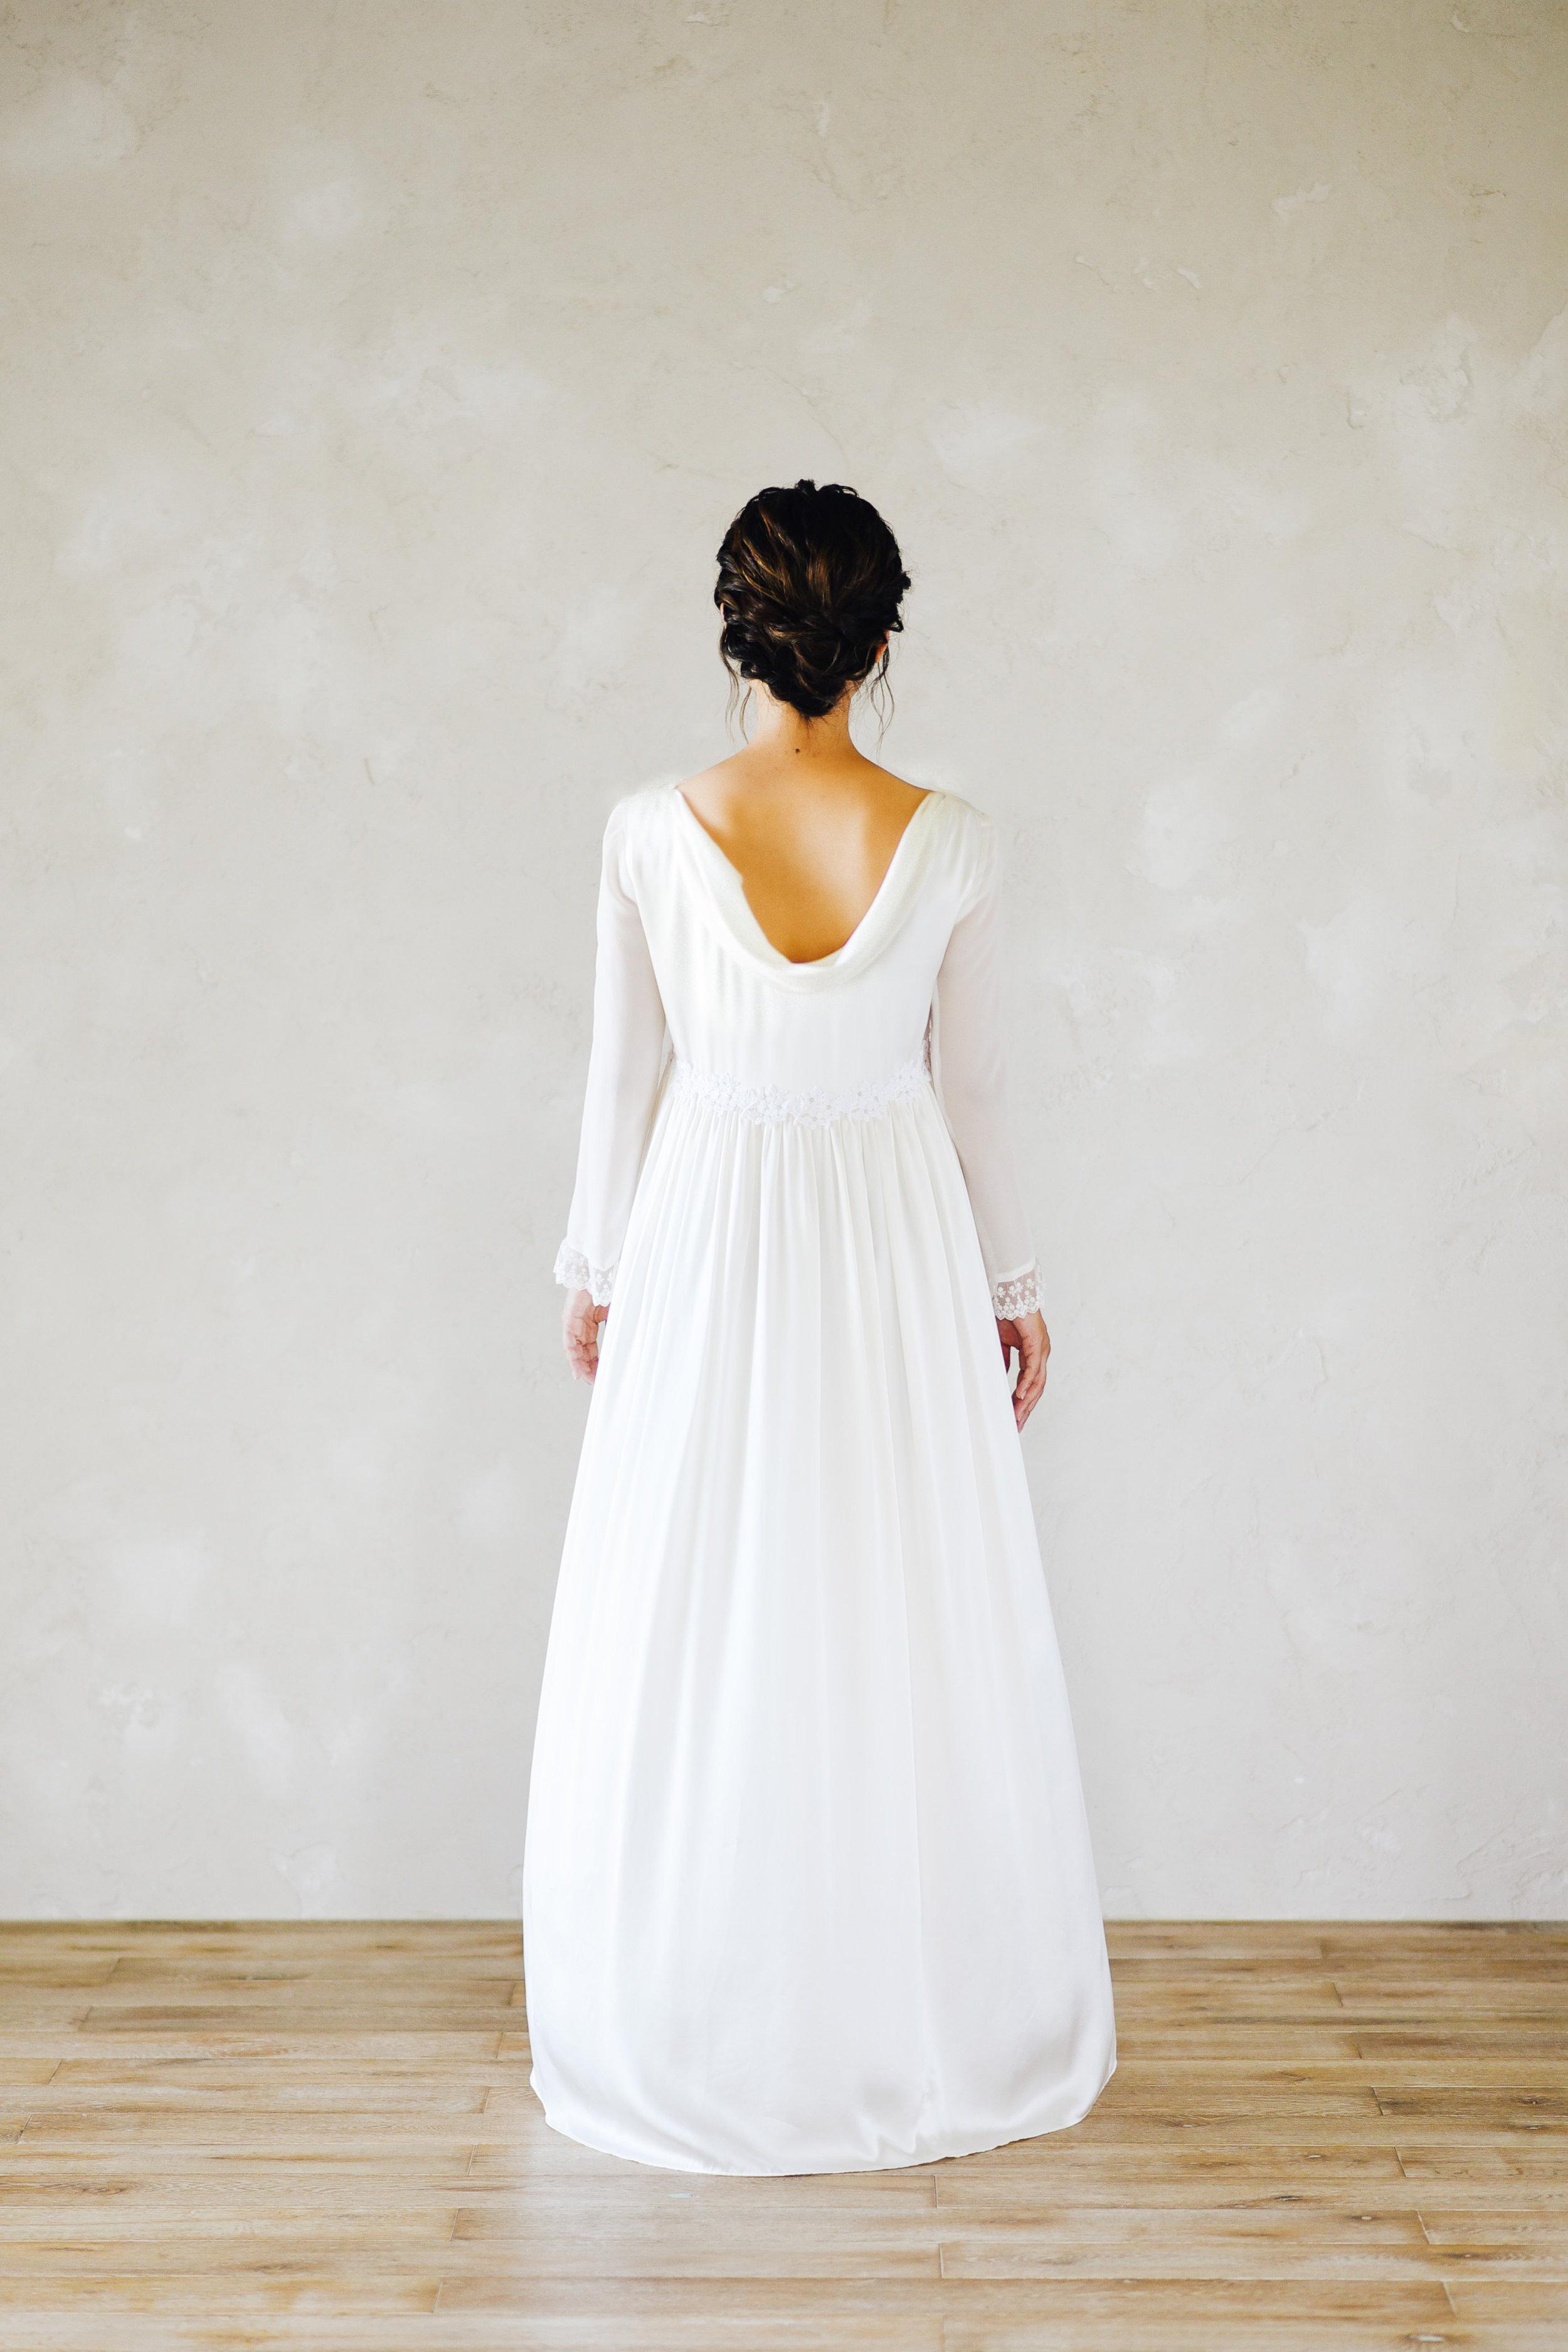 dress6_2.jpg